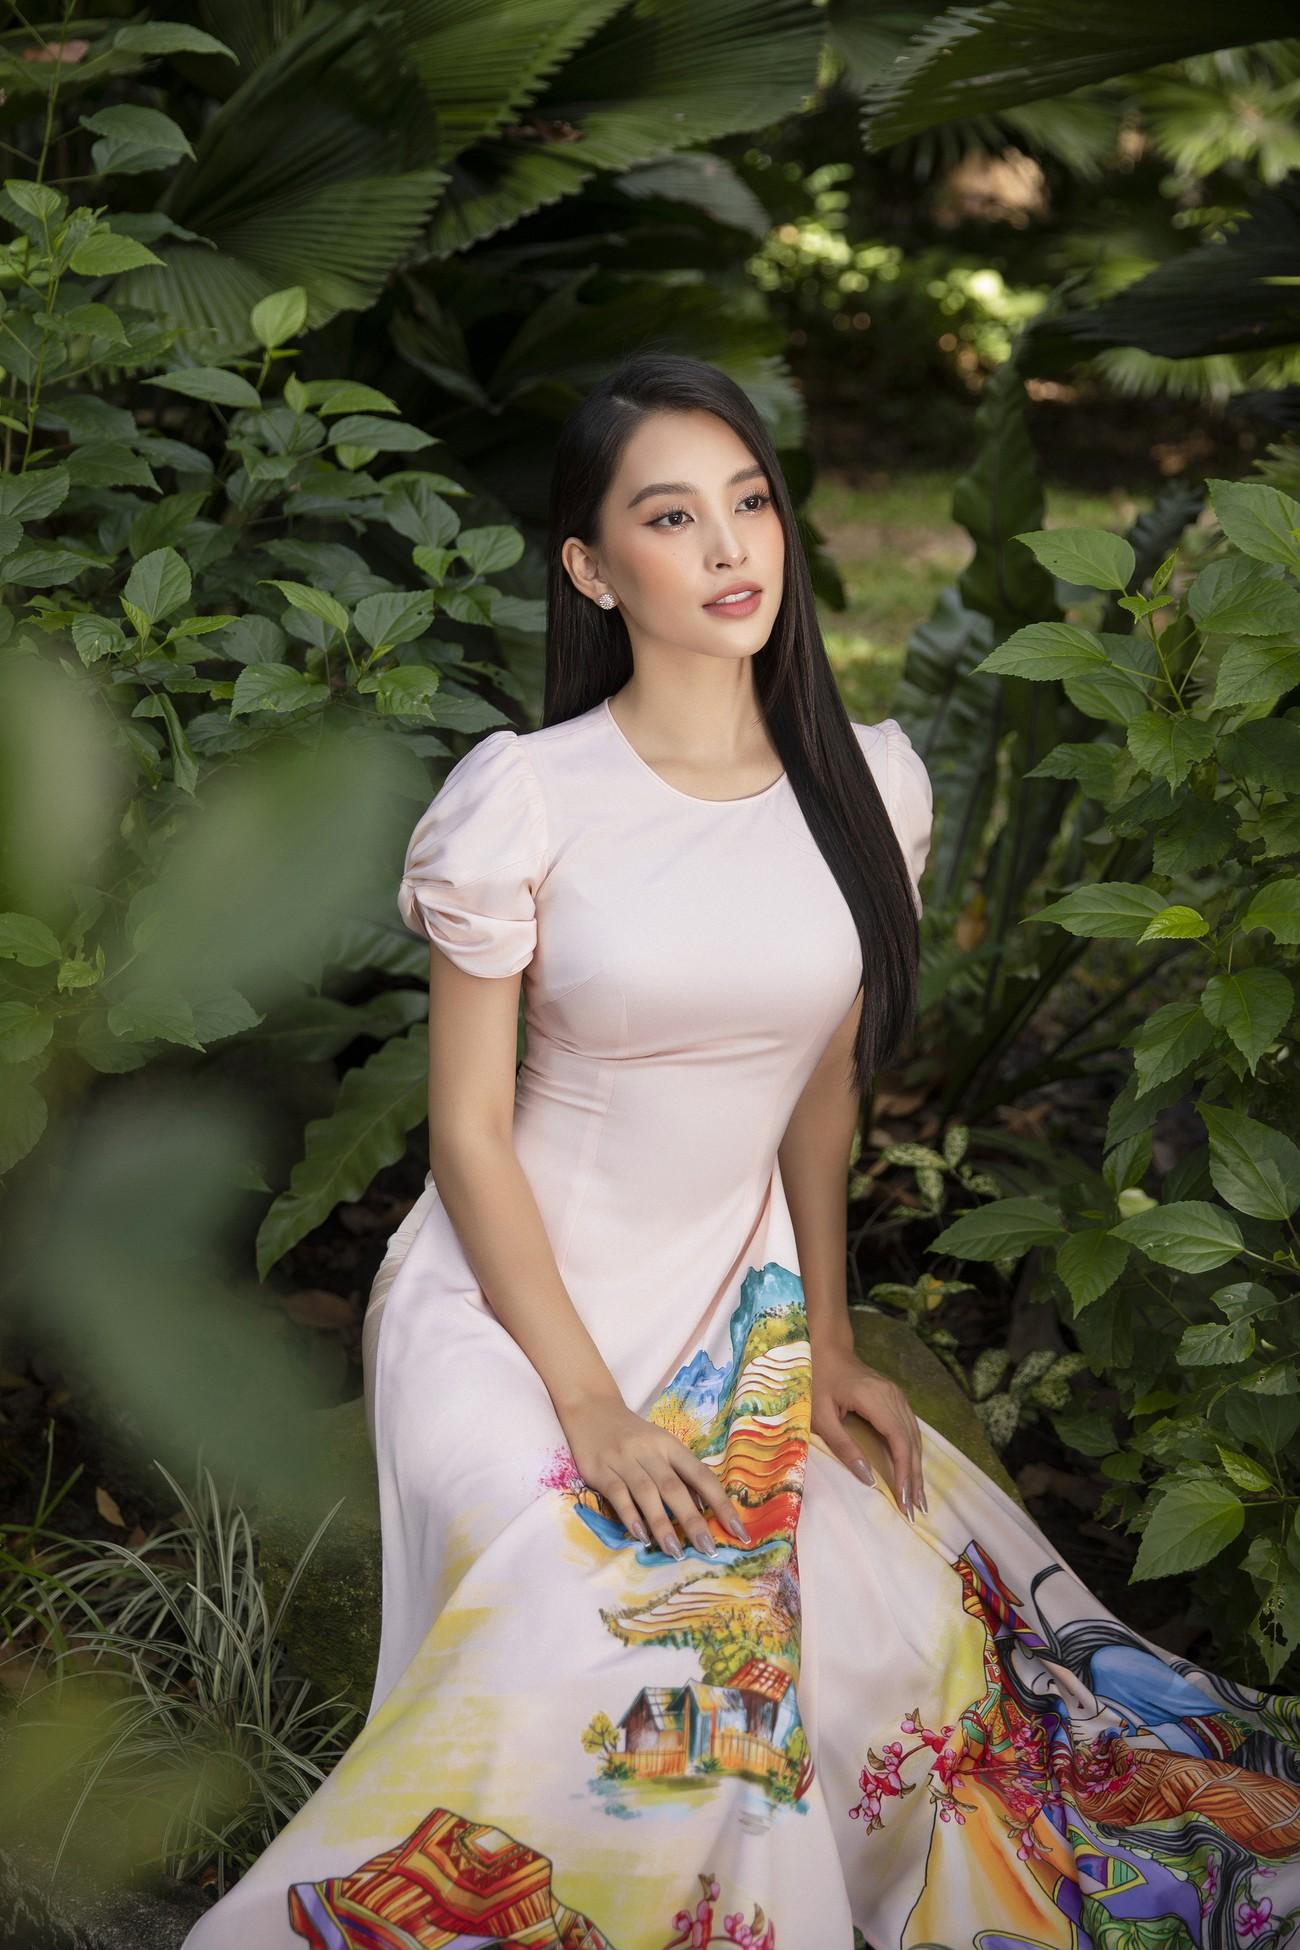 Hoa hậu Tiểu Vy khoe nhan sắc 'cực phẩm', đẹp tựa nàng thơ mùa xuân với áo dài Tết ảnh 10